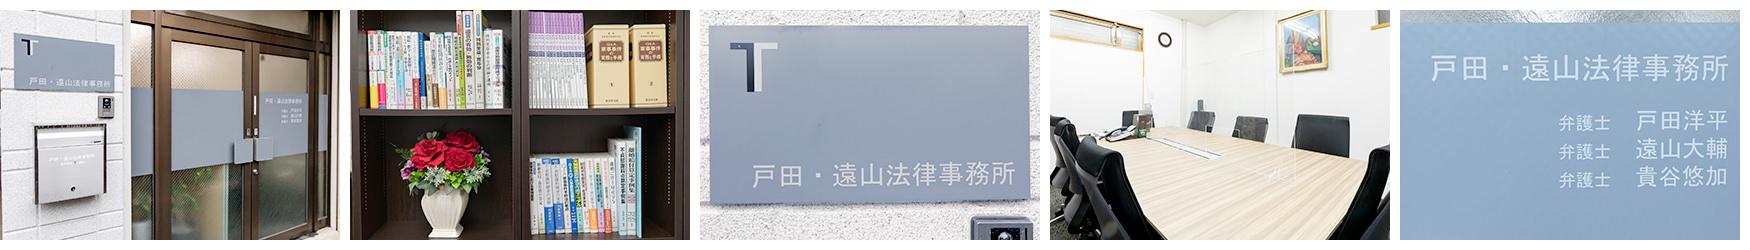 戸田・遠山法律事務所